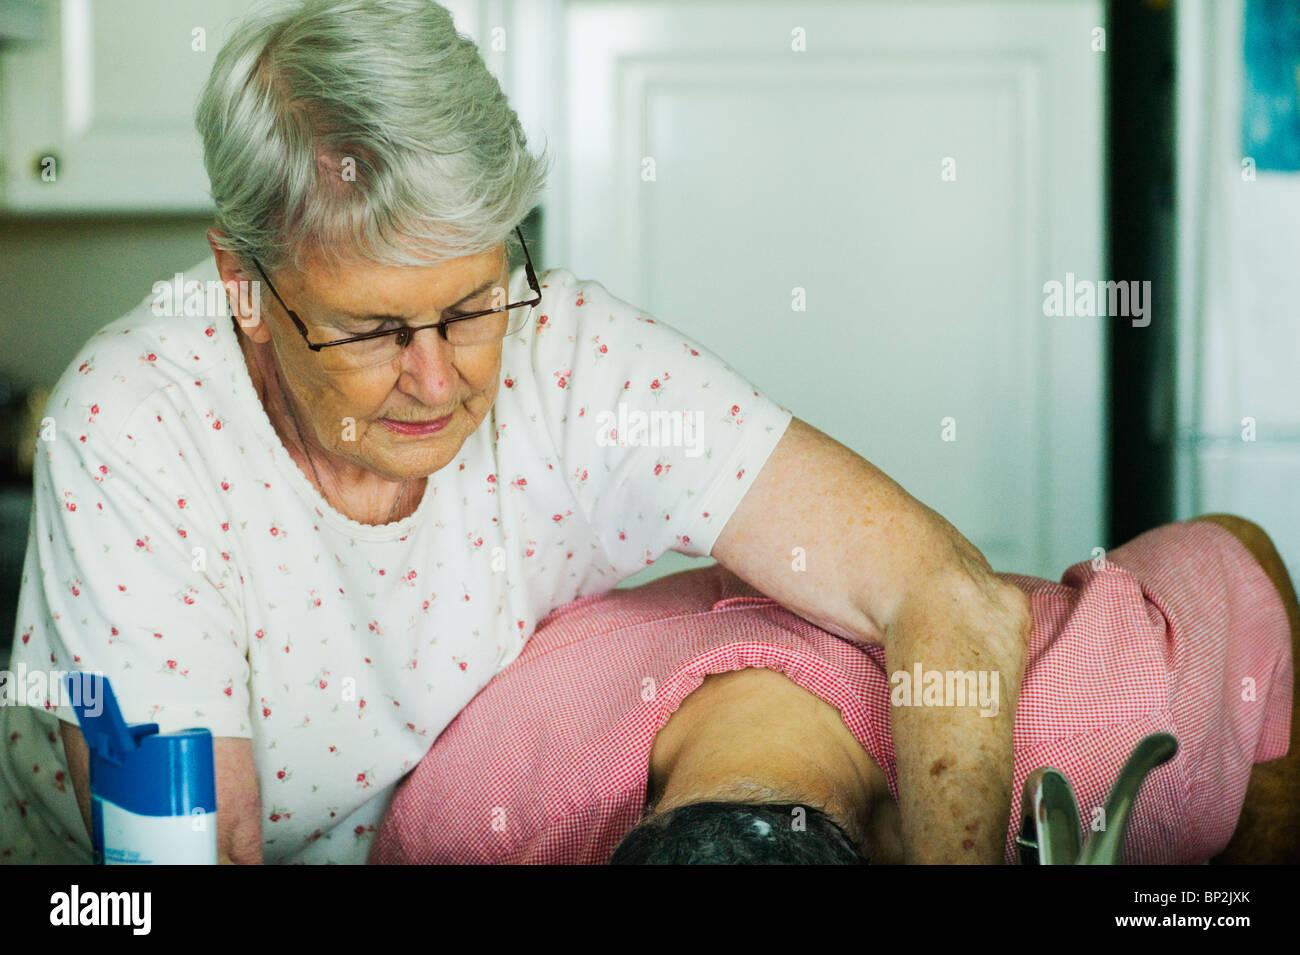 Old Woman Washing Old Manu0027s Hair At Kitchen Sink.